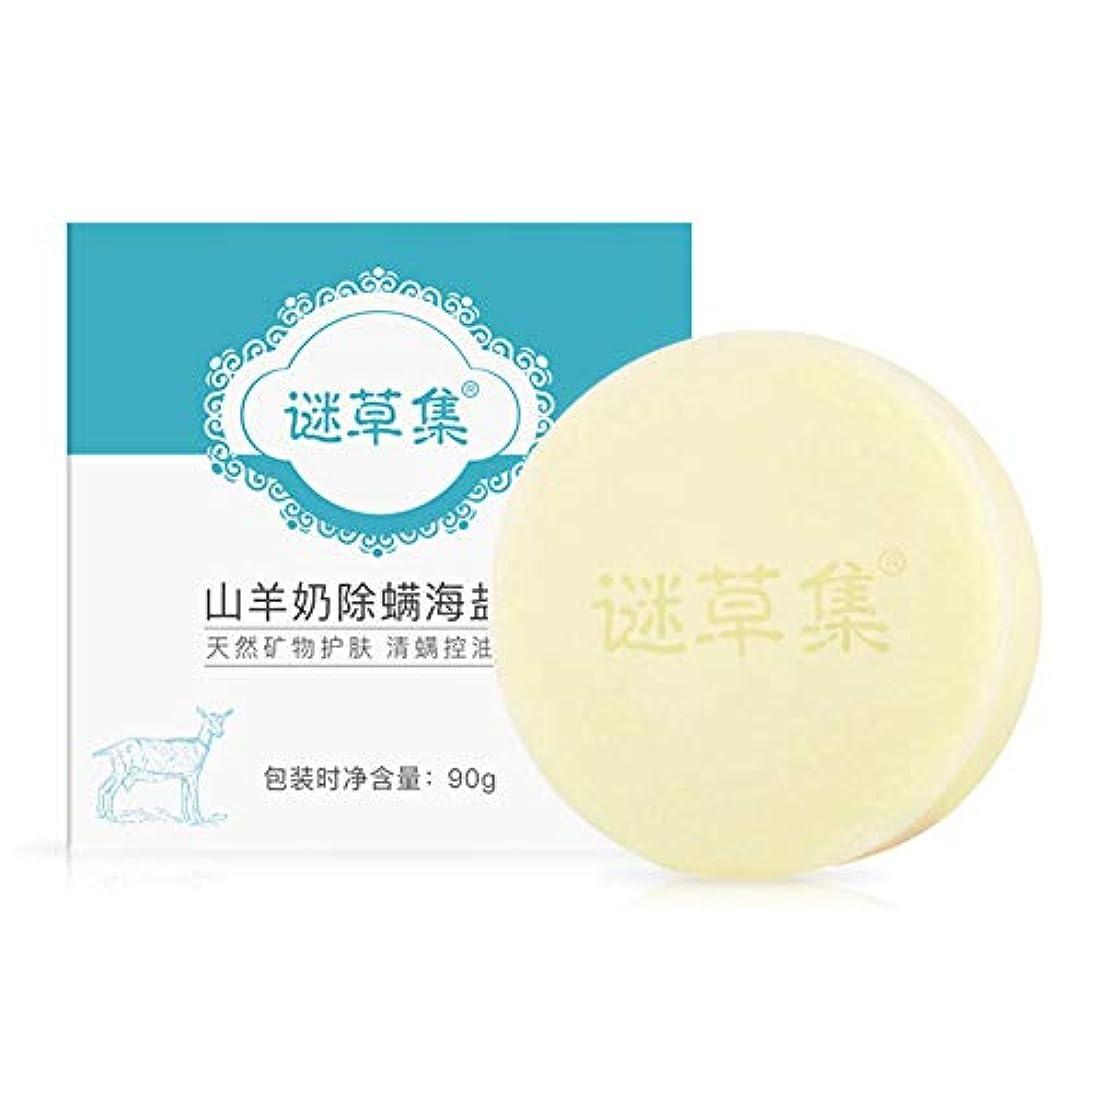 リーガントランクライブラリ話す山羊乳の海塩石鹸-にきび用のプレミアム10%アドバンストトウォッシュ。ナチュラルフレッシュの香り。無香料。にきび、体臭、皮膚炎